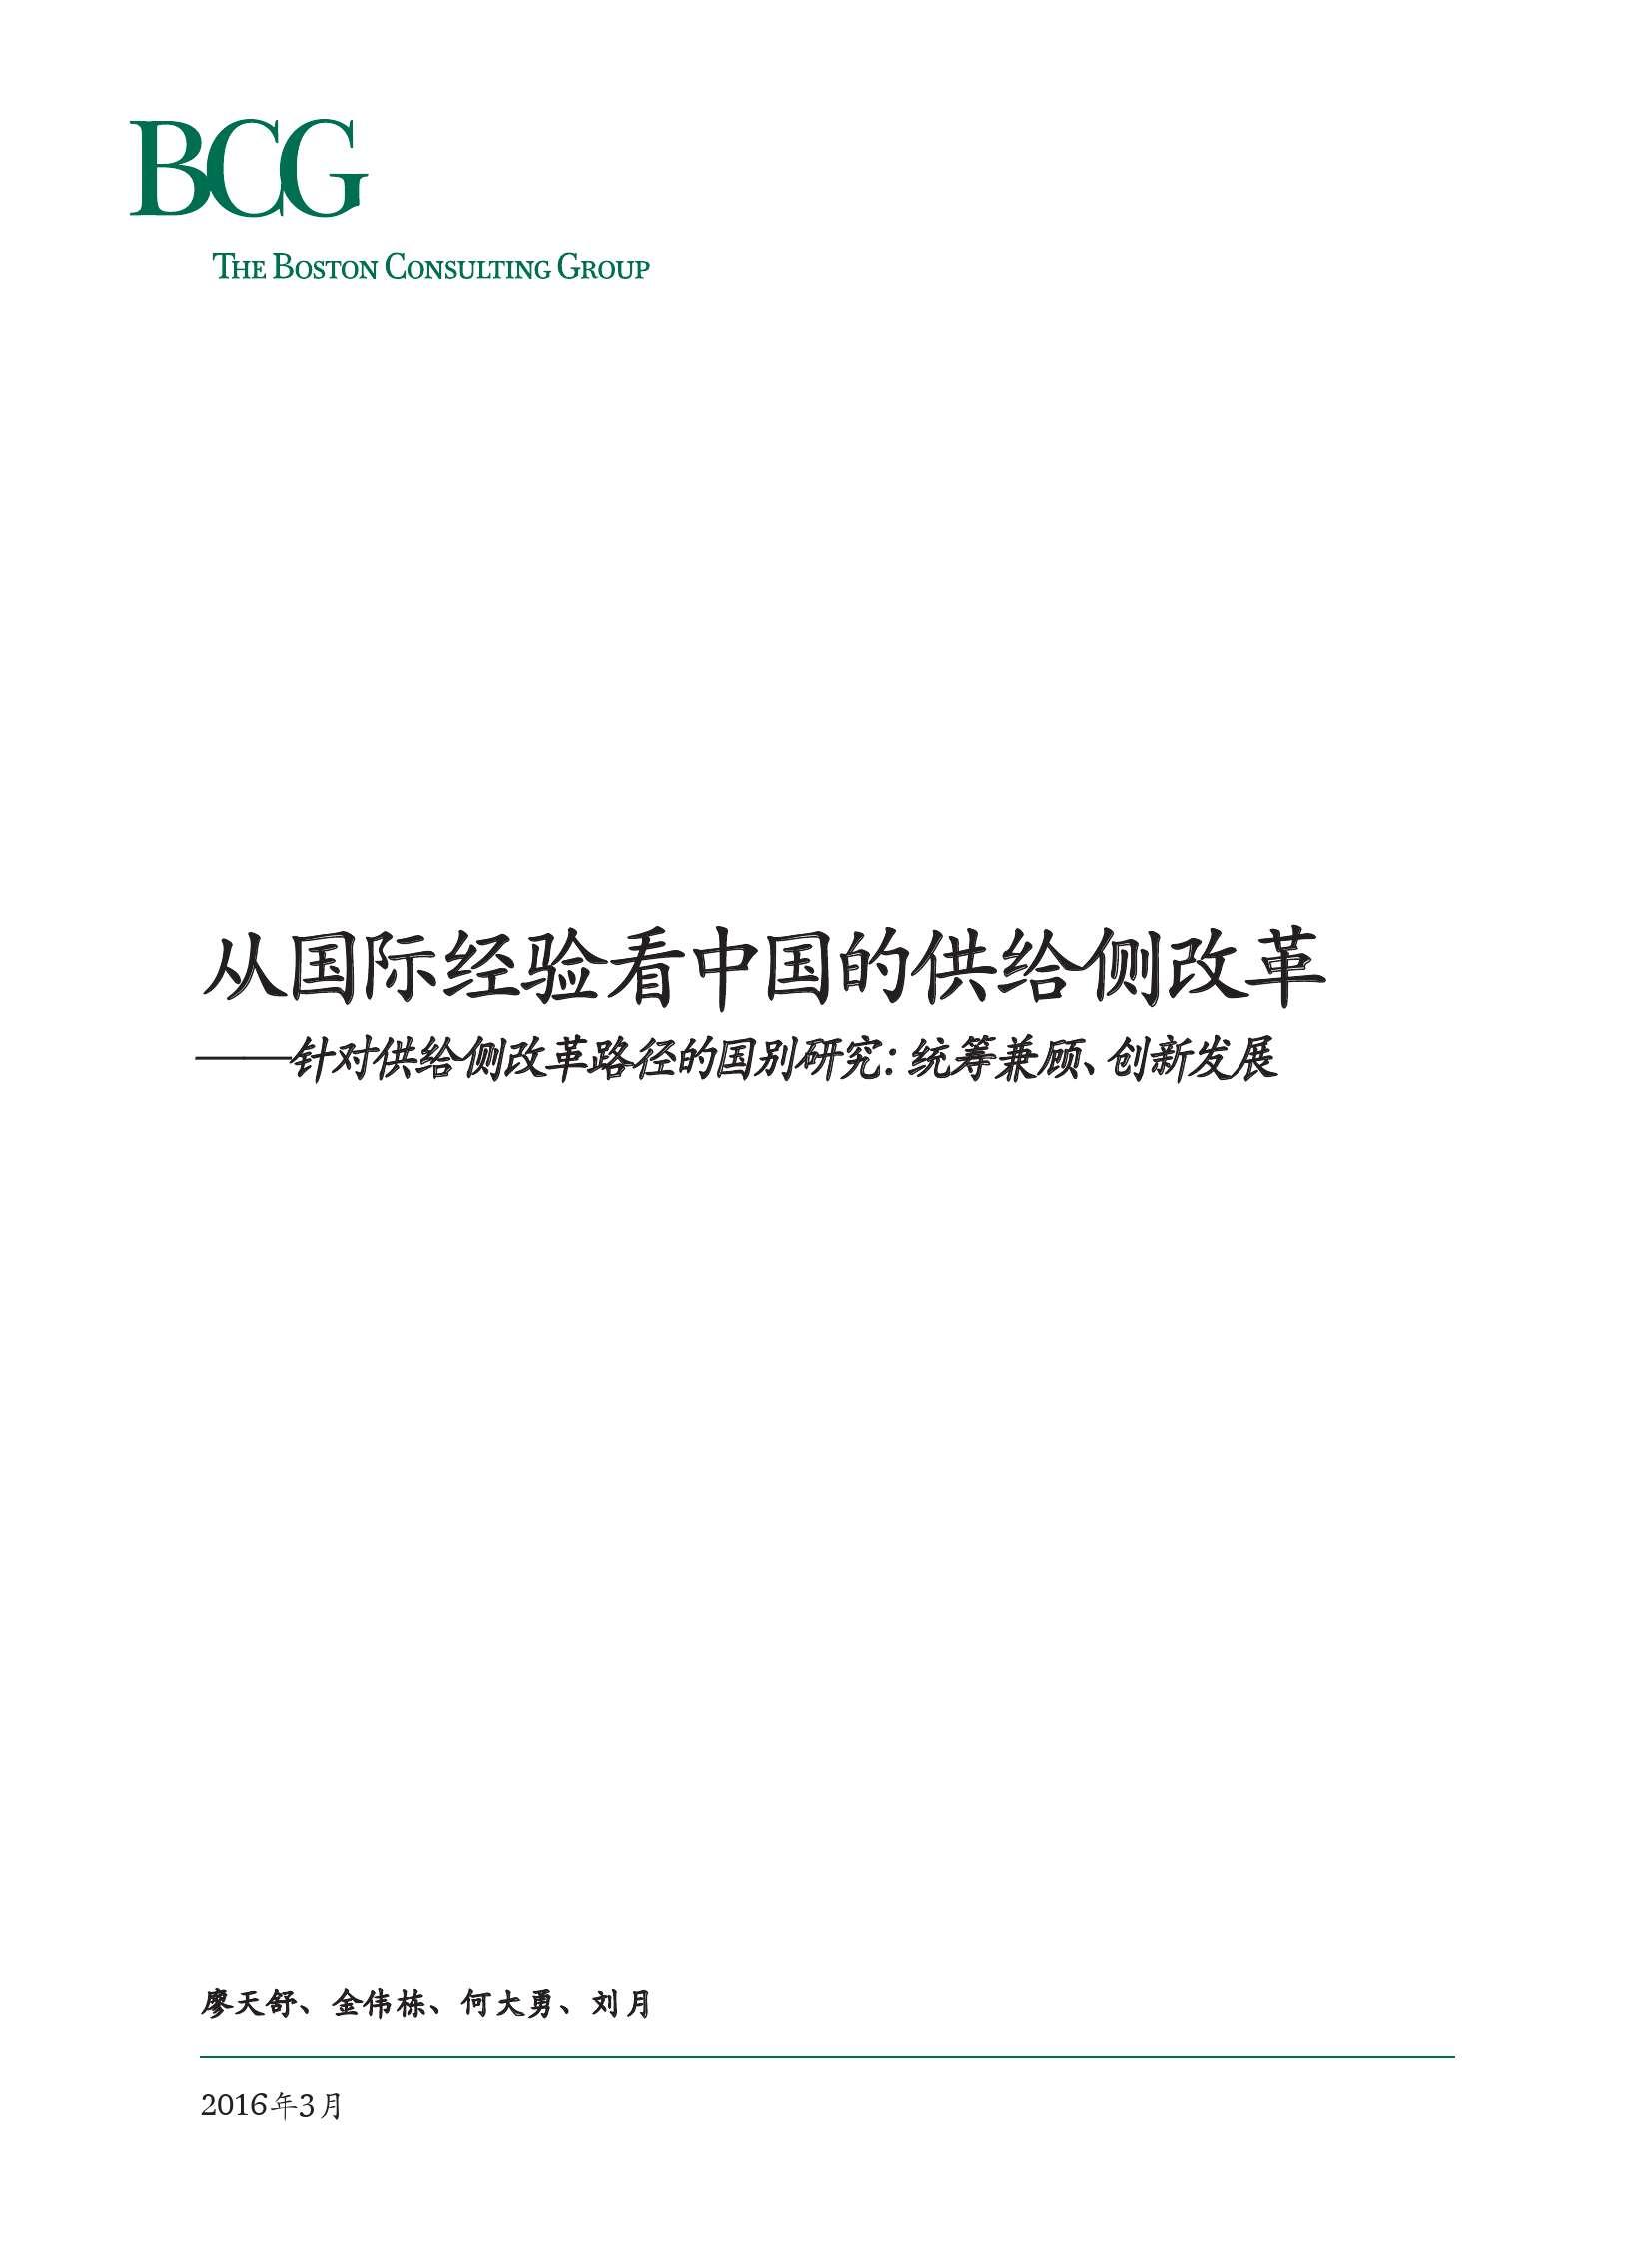 从国际经验看中国的供给侧改革(1)_000001